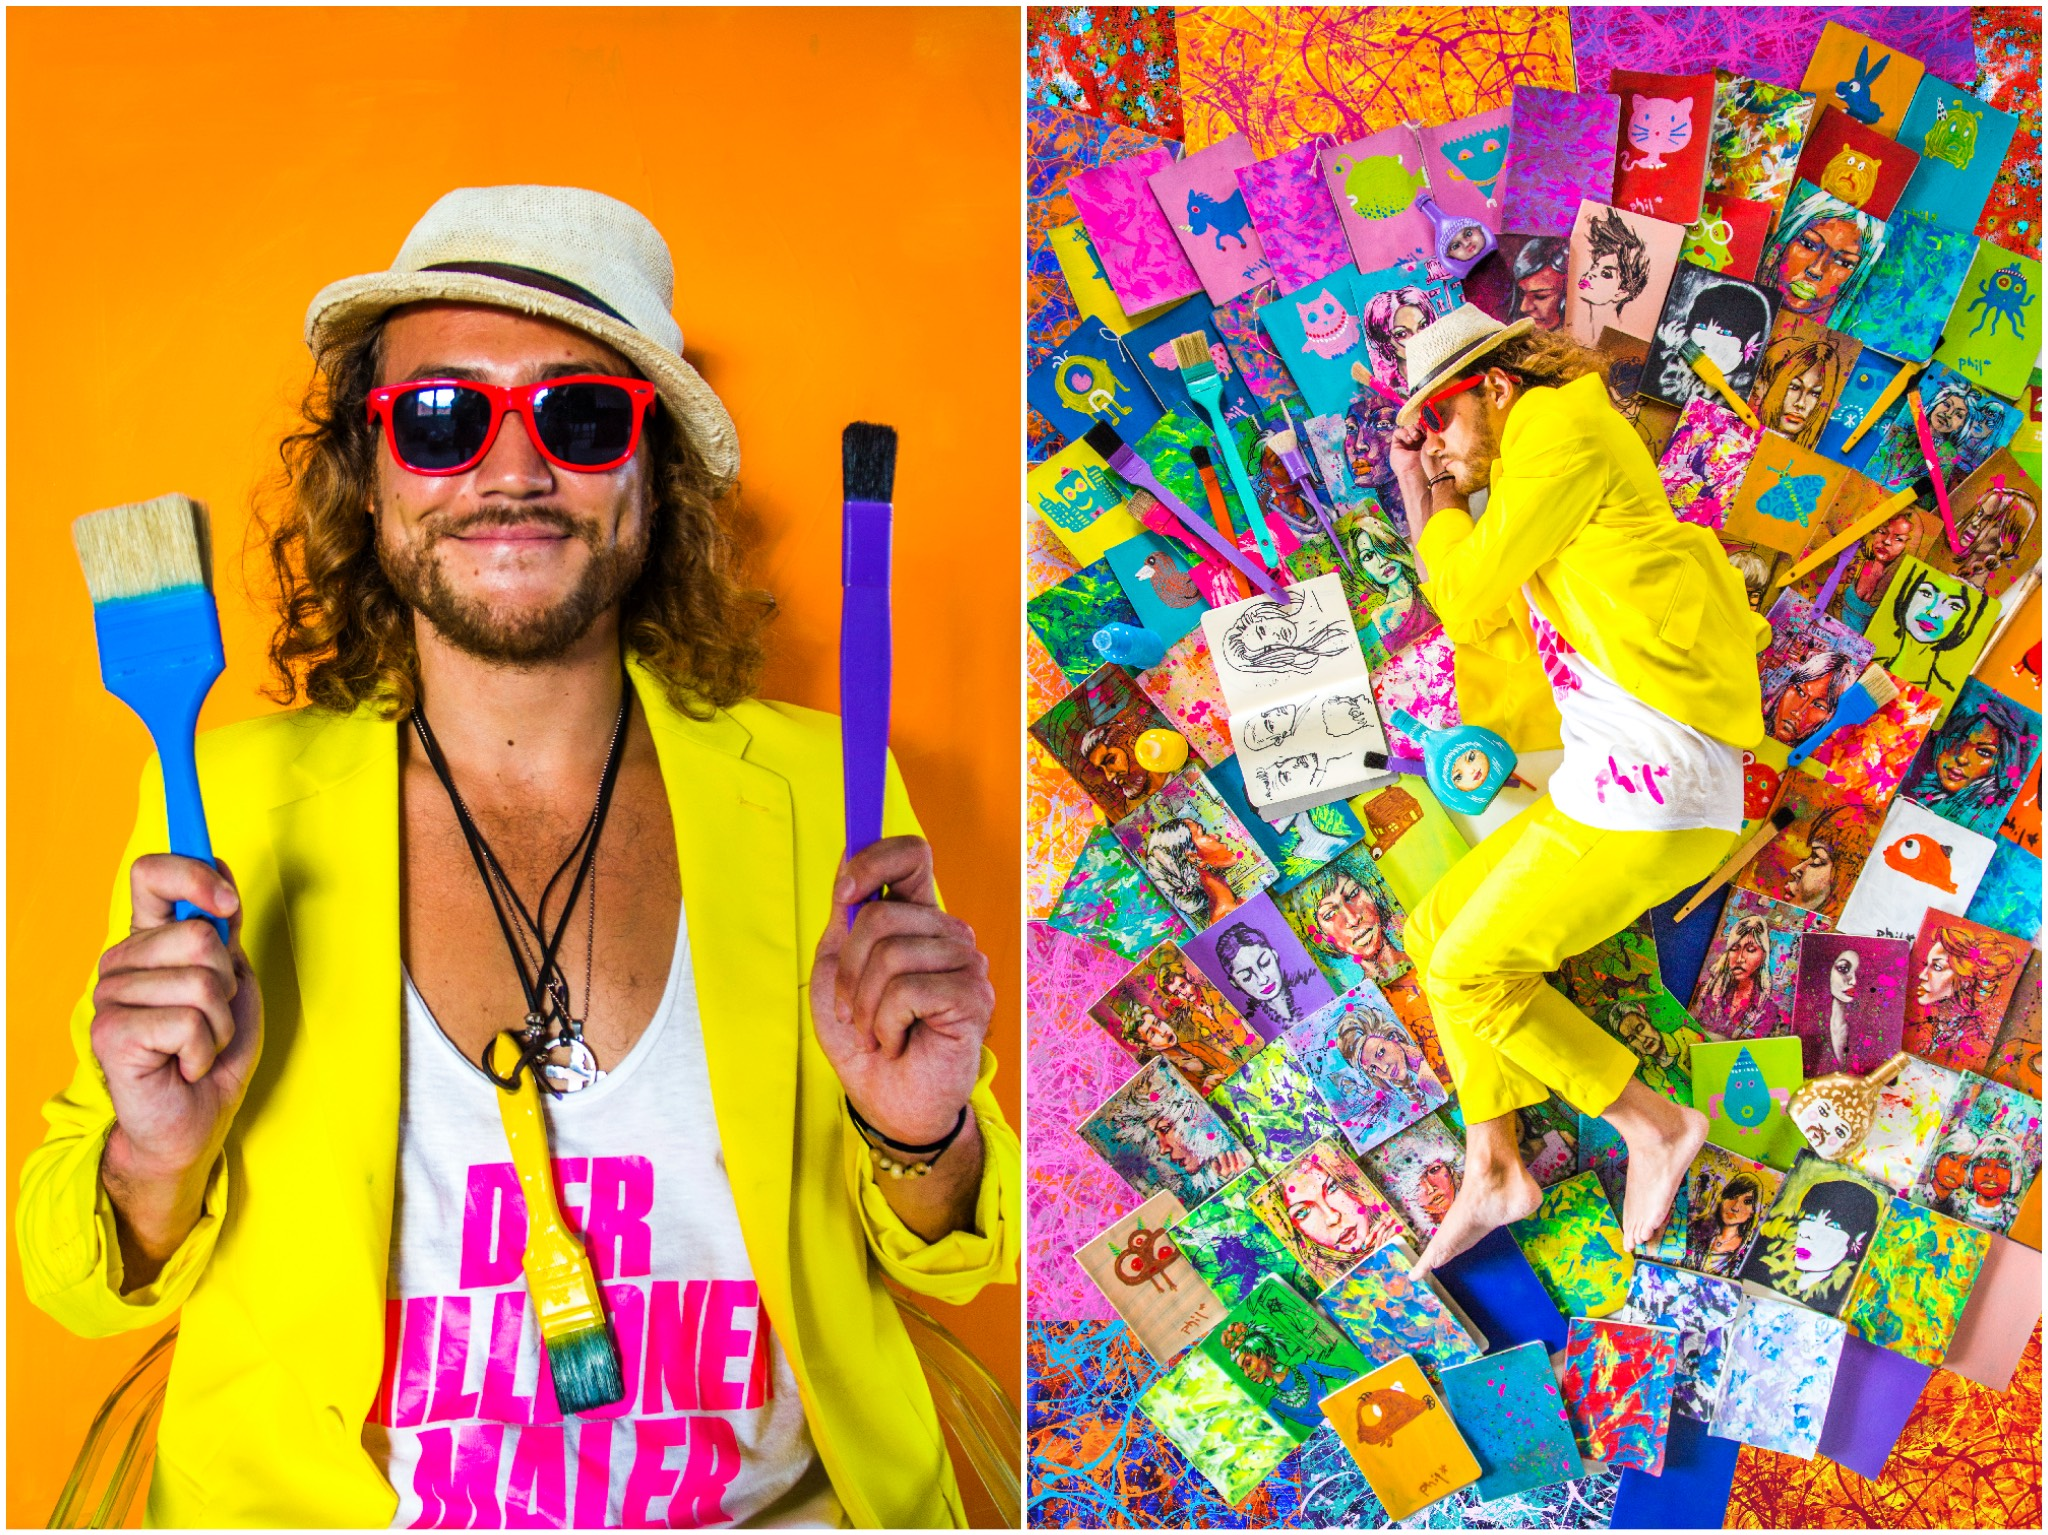 Farben sind sein Leben! Fotos: Phil Splash